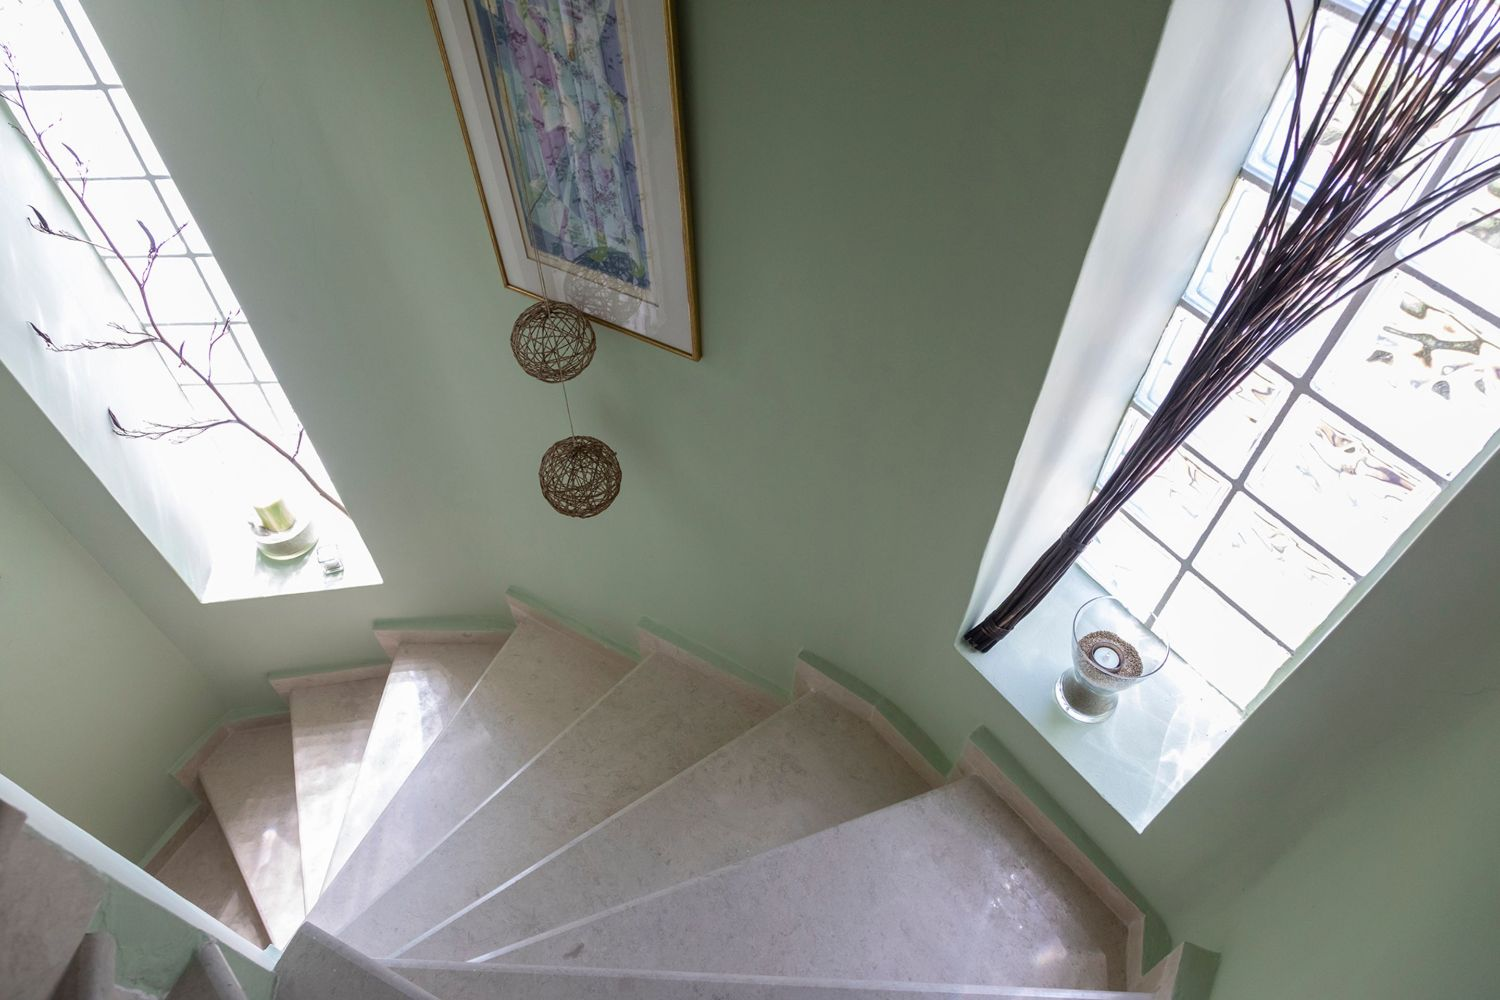 Σκαλοπάτια πάνω ορόφου